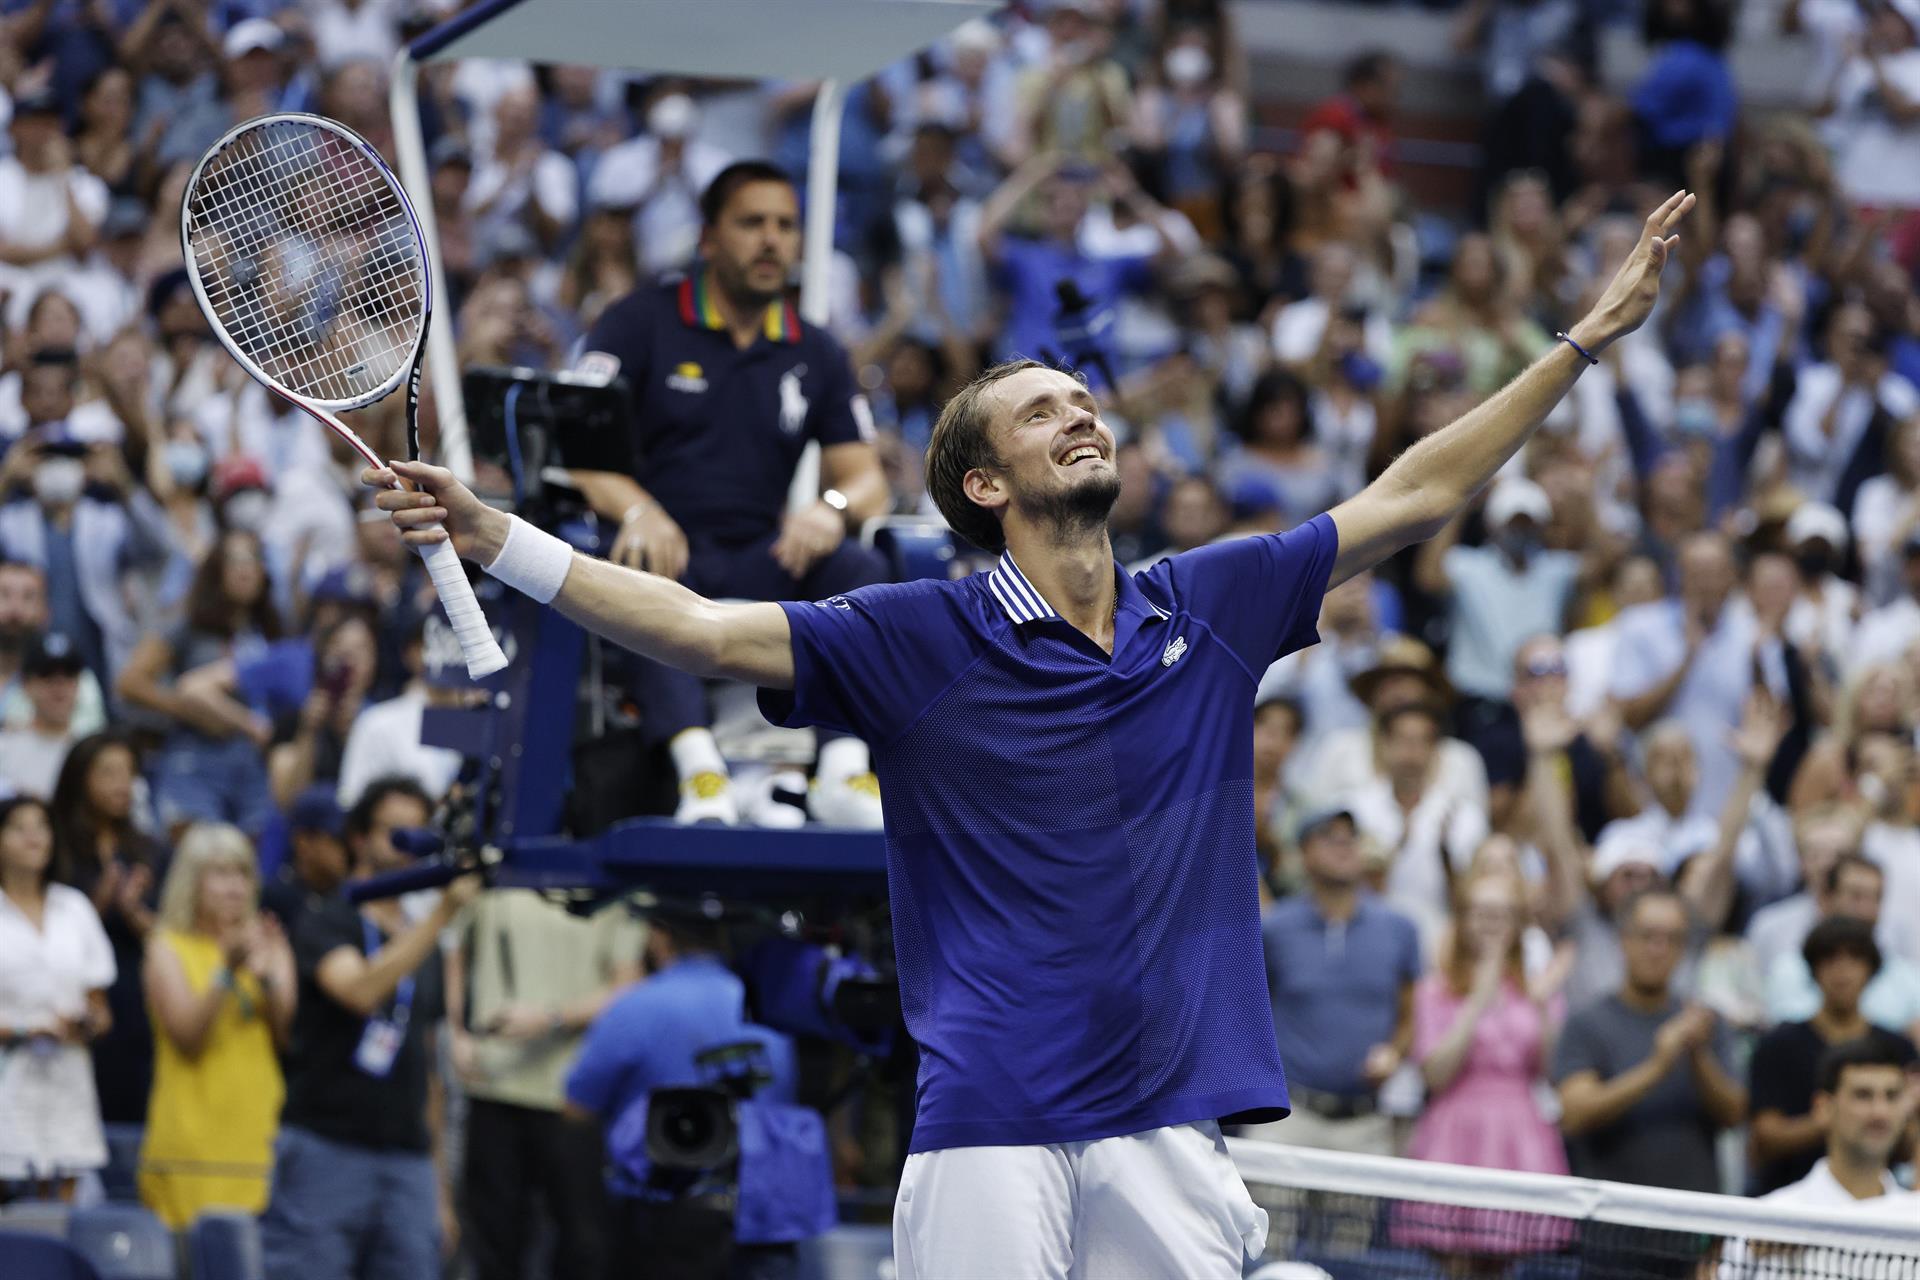 El tenista ruso Daniil Medvedev tras ganar la final del Abierto de Estados Unidos (EFE)